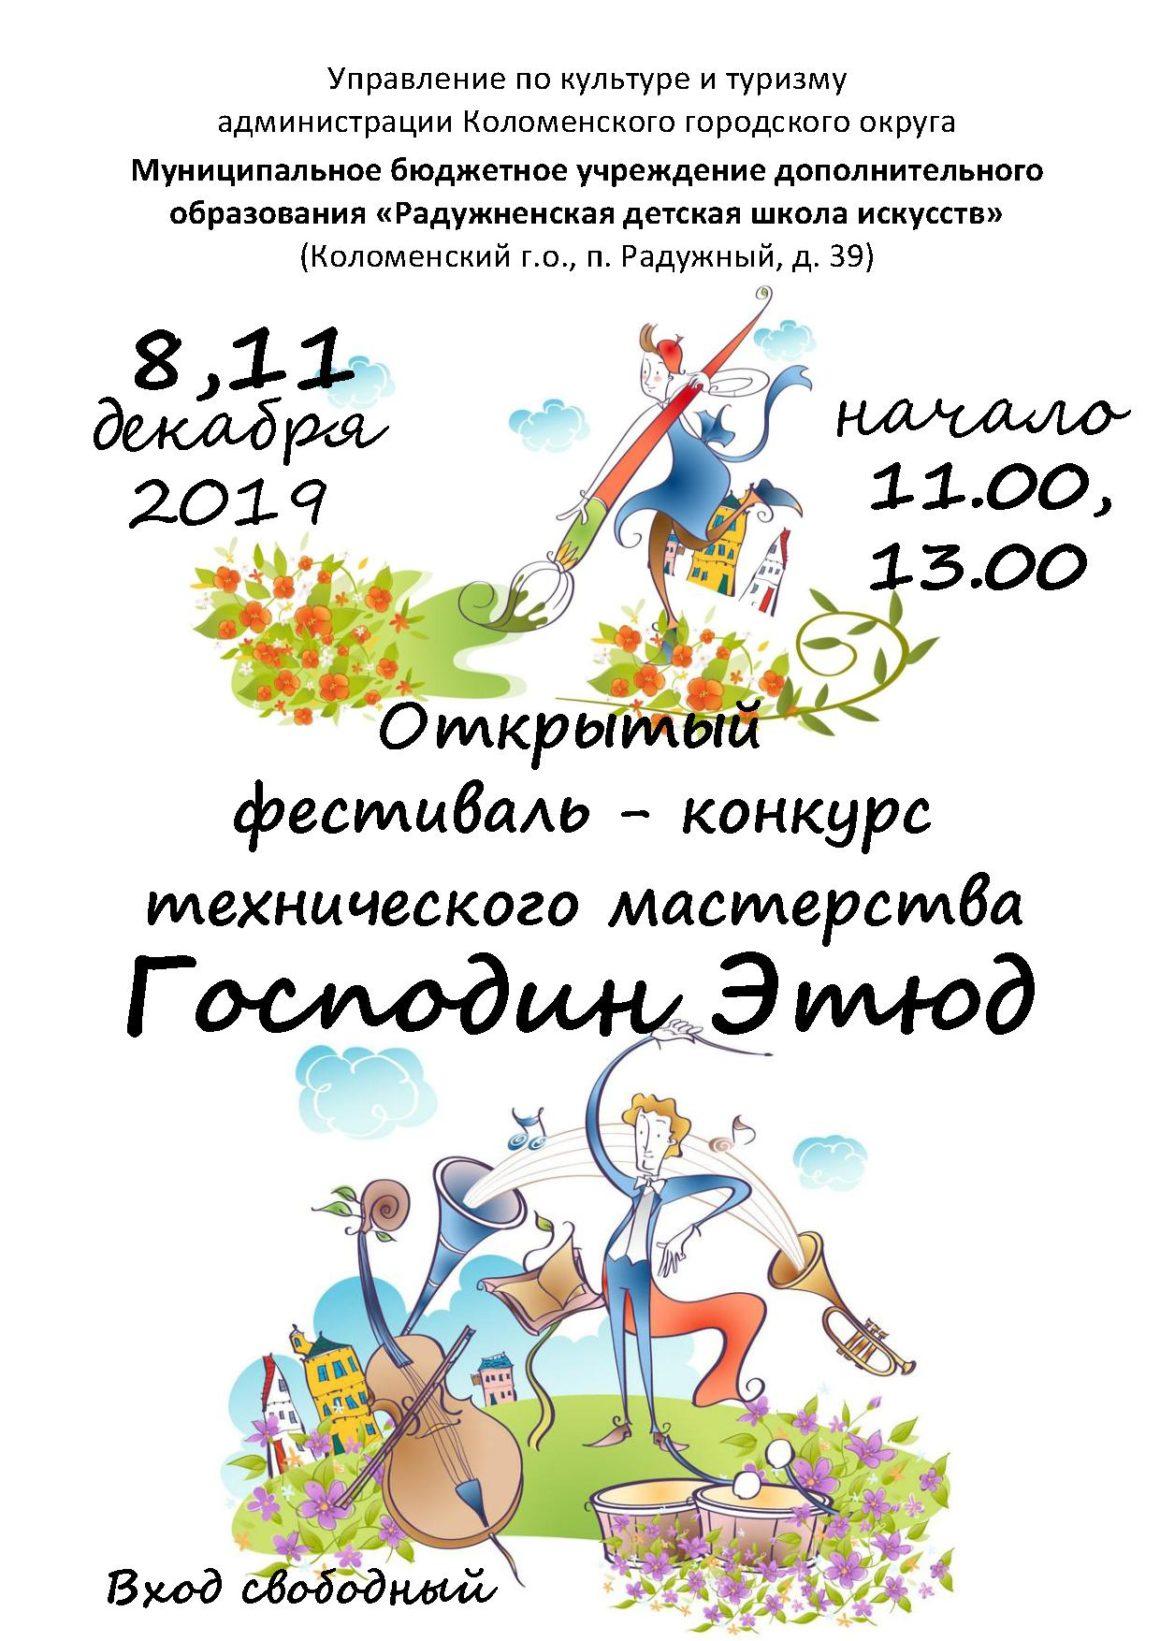 11 декабря 2019 г. в МБУДО «Радужненская ДШИ» состоится Открытый фестиваль-конкурс технического мастерства «Господин Этюд».